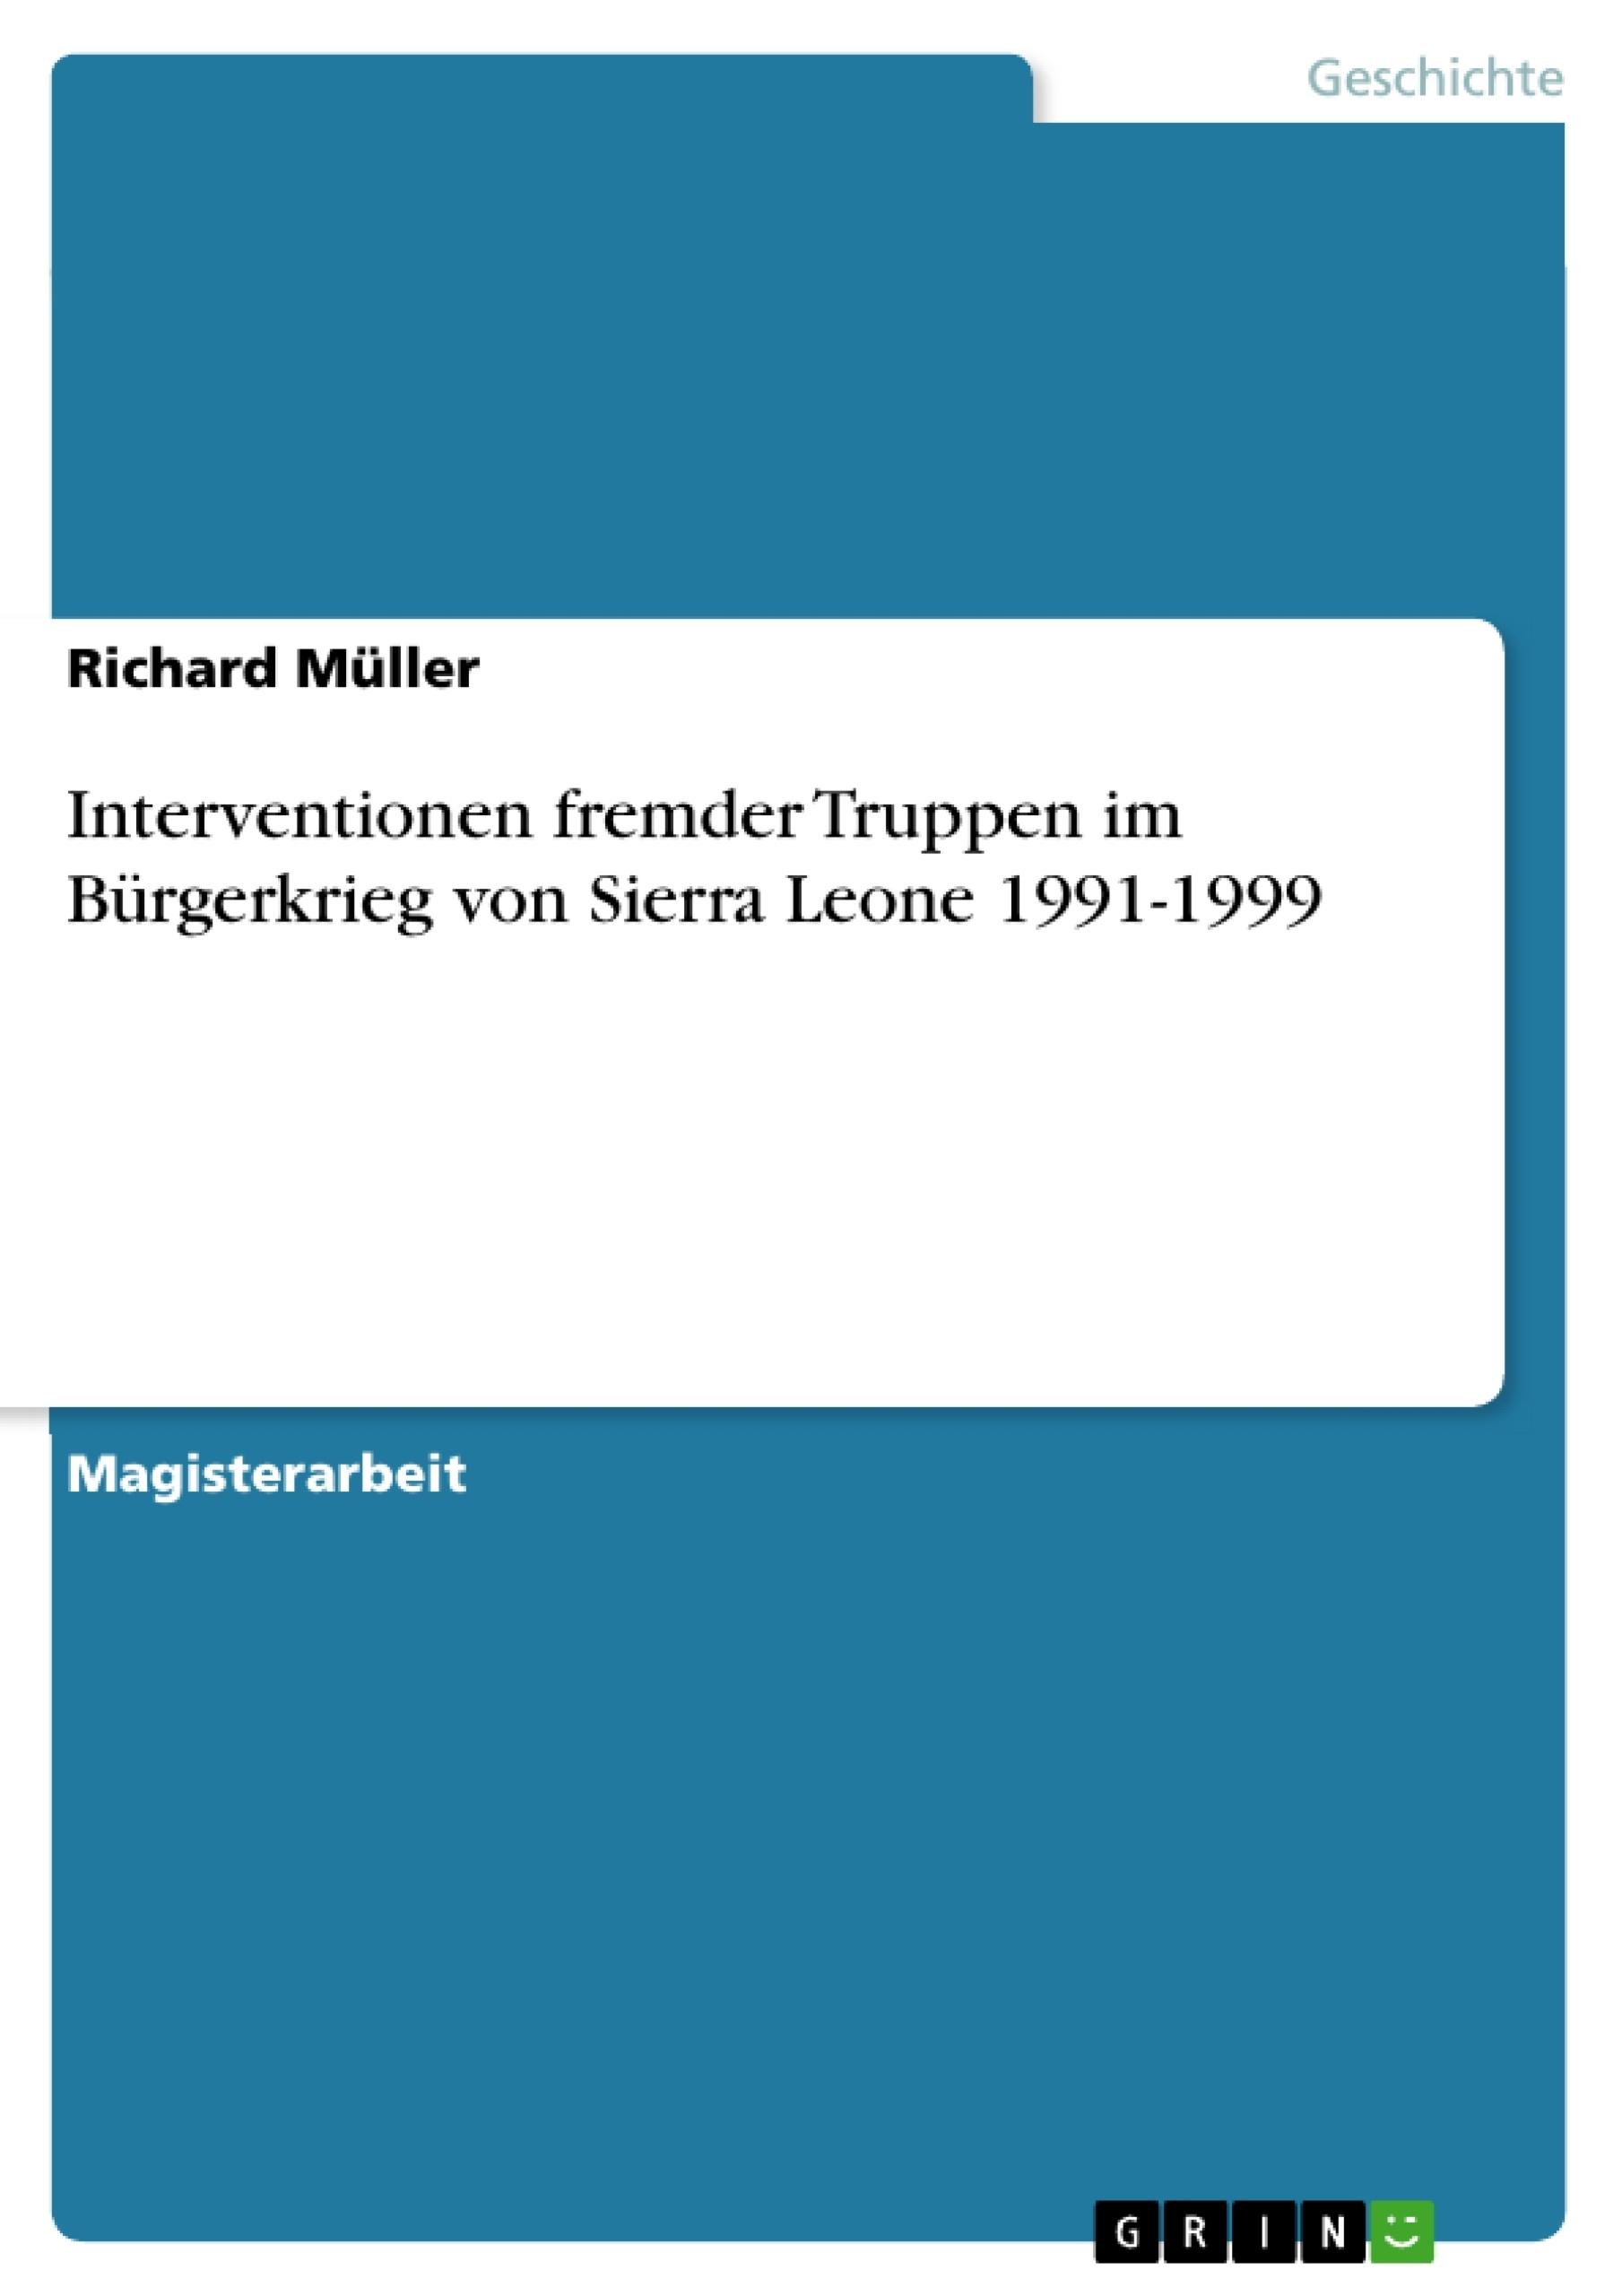 Titel: Interventionen fremder Truppen im Bürgerkrieg von Sierra Leone 1991-1999